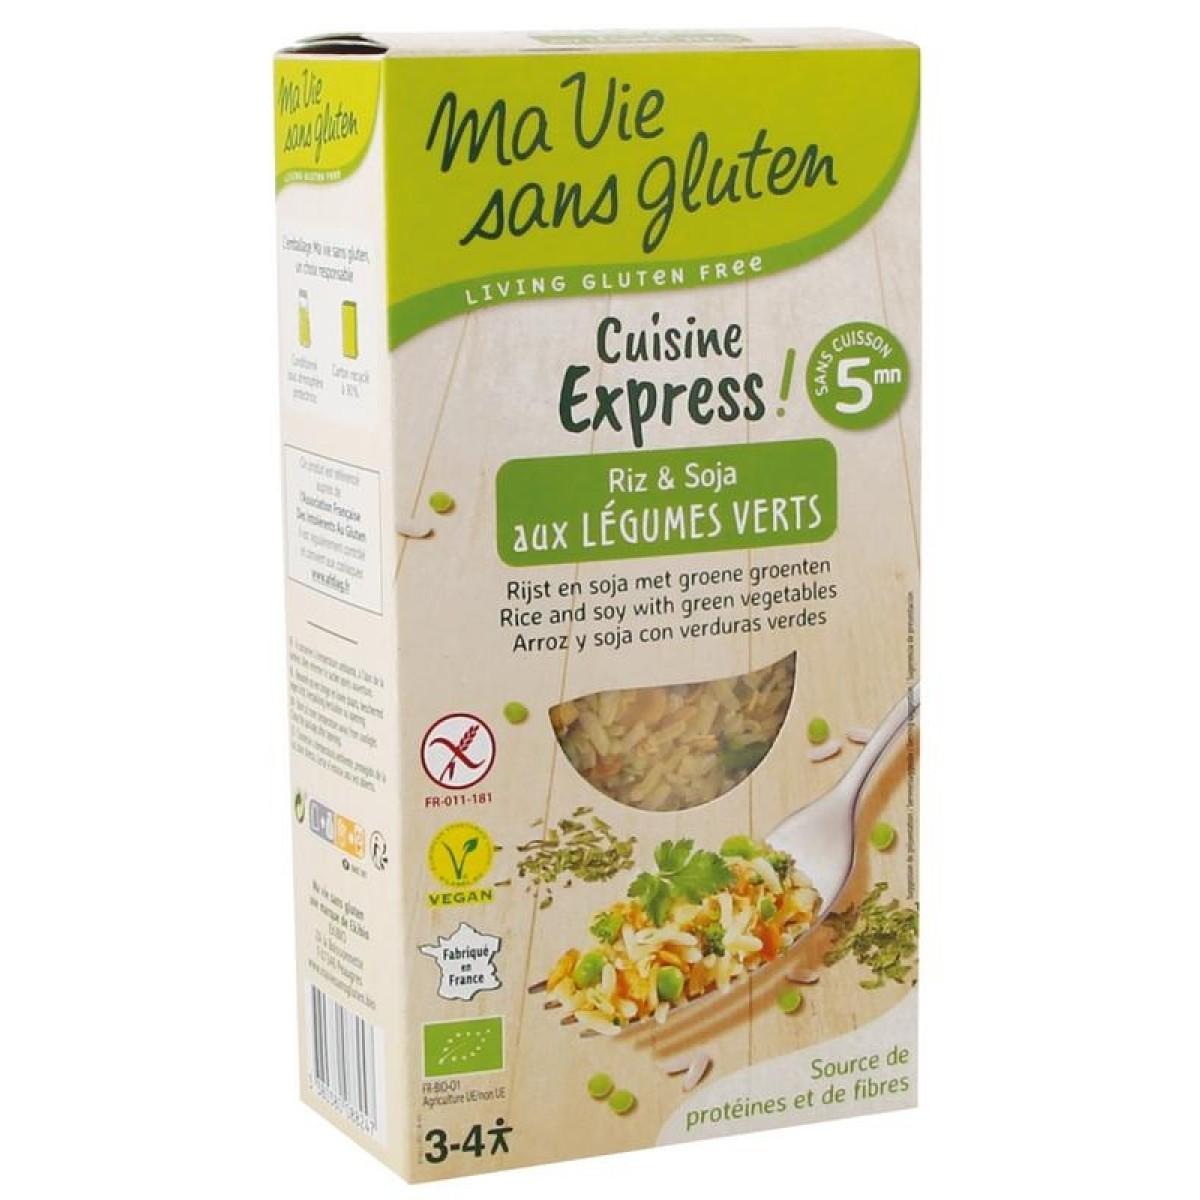 Cuisine Express Rijst & Soja Met Groene Groenten